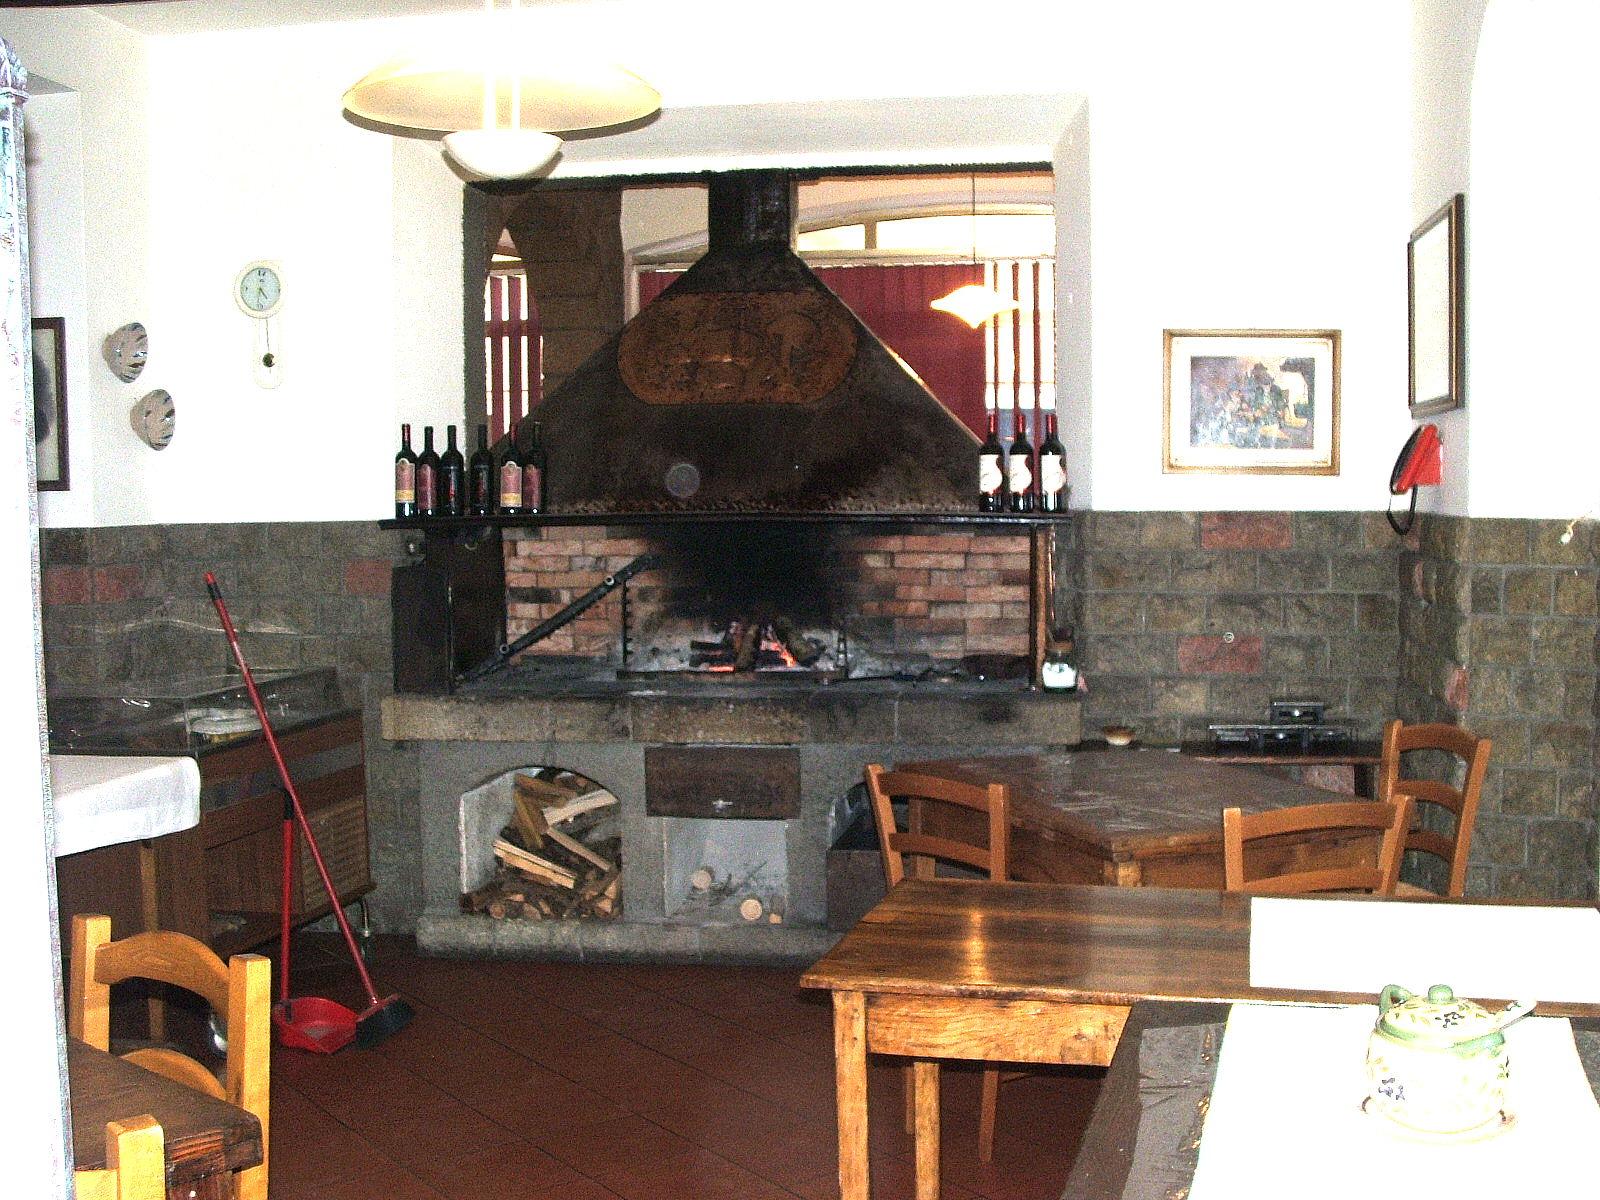 Datei:Castel del Piano-Cucina con forno a legna.jpg – Wikipedia